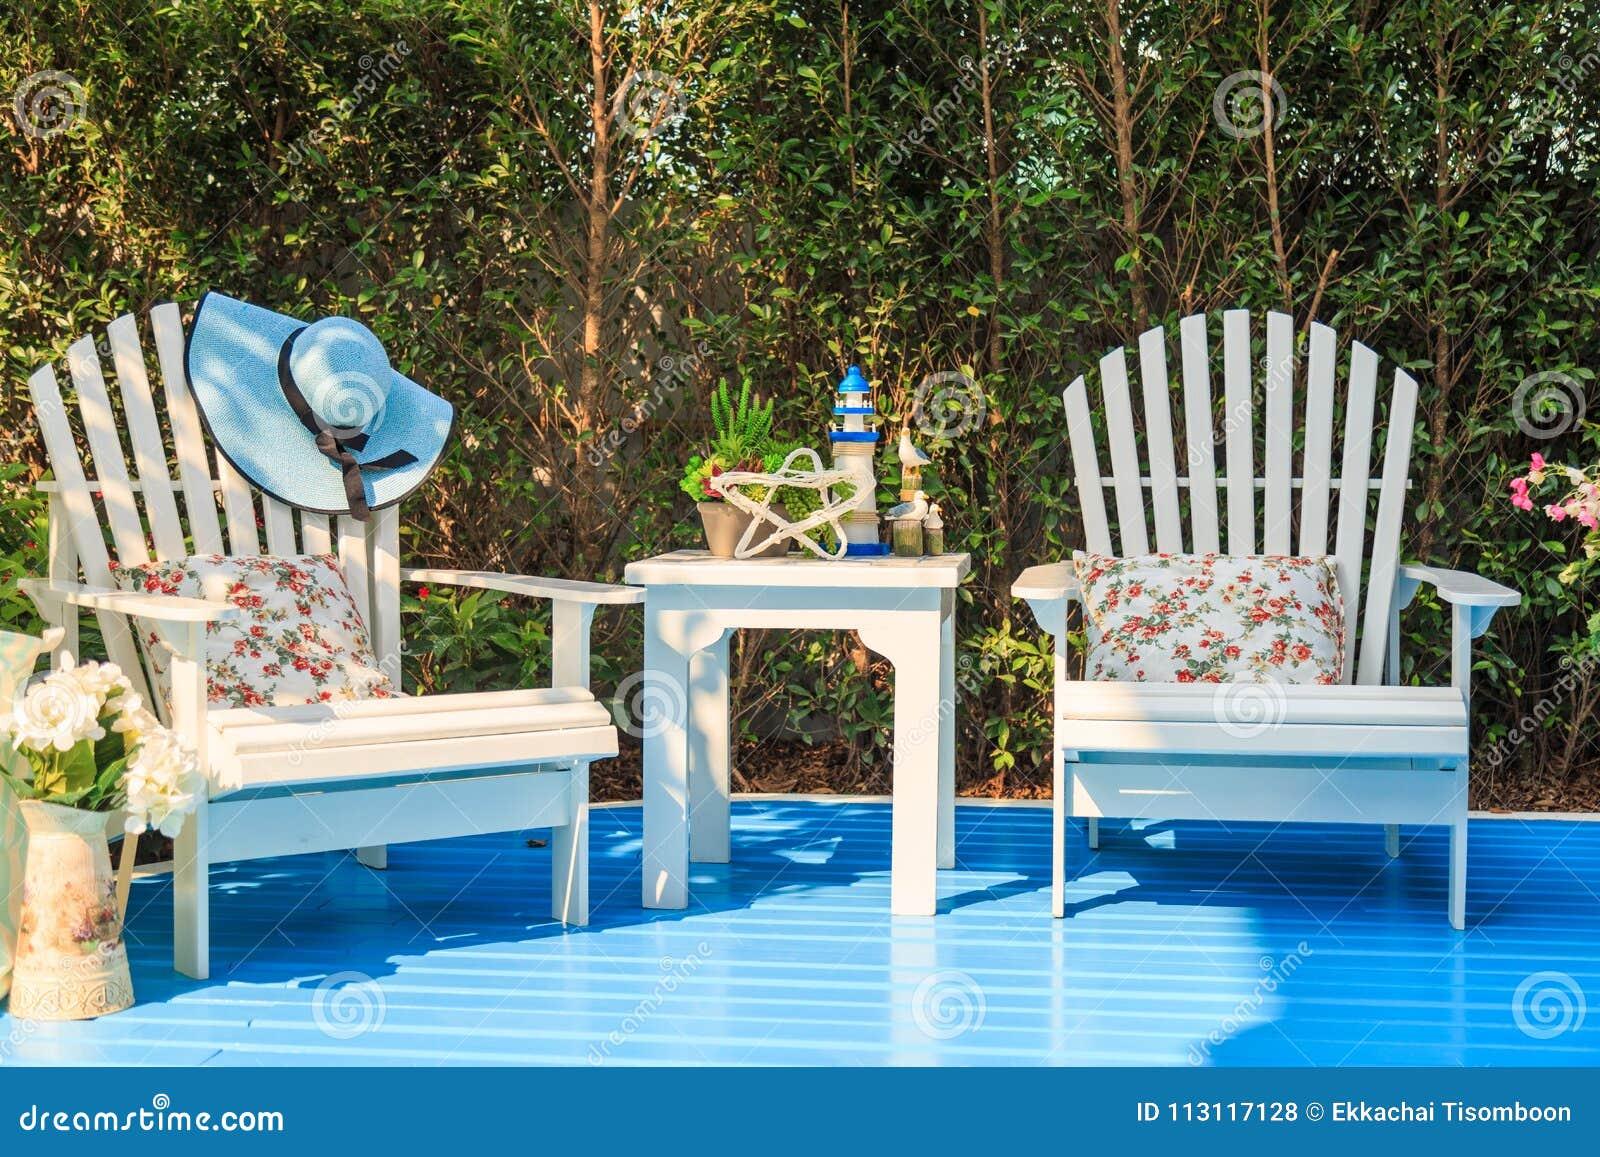 Une Table Basse Blanche Et Des Chaises En Bois Dans Le Jardin Photo